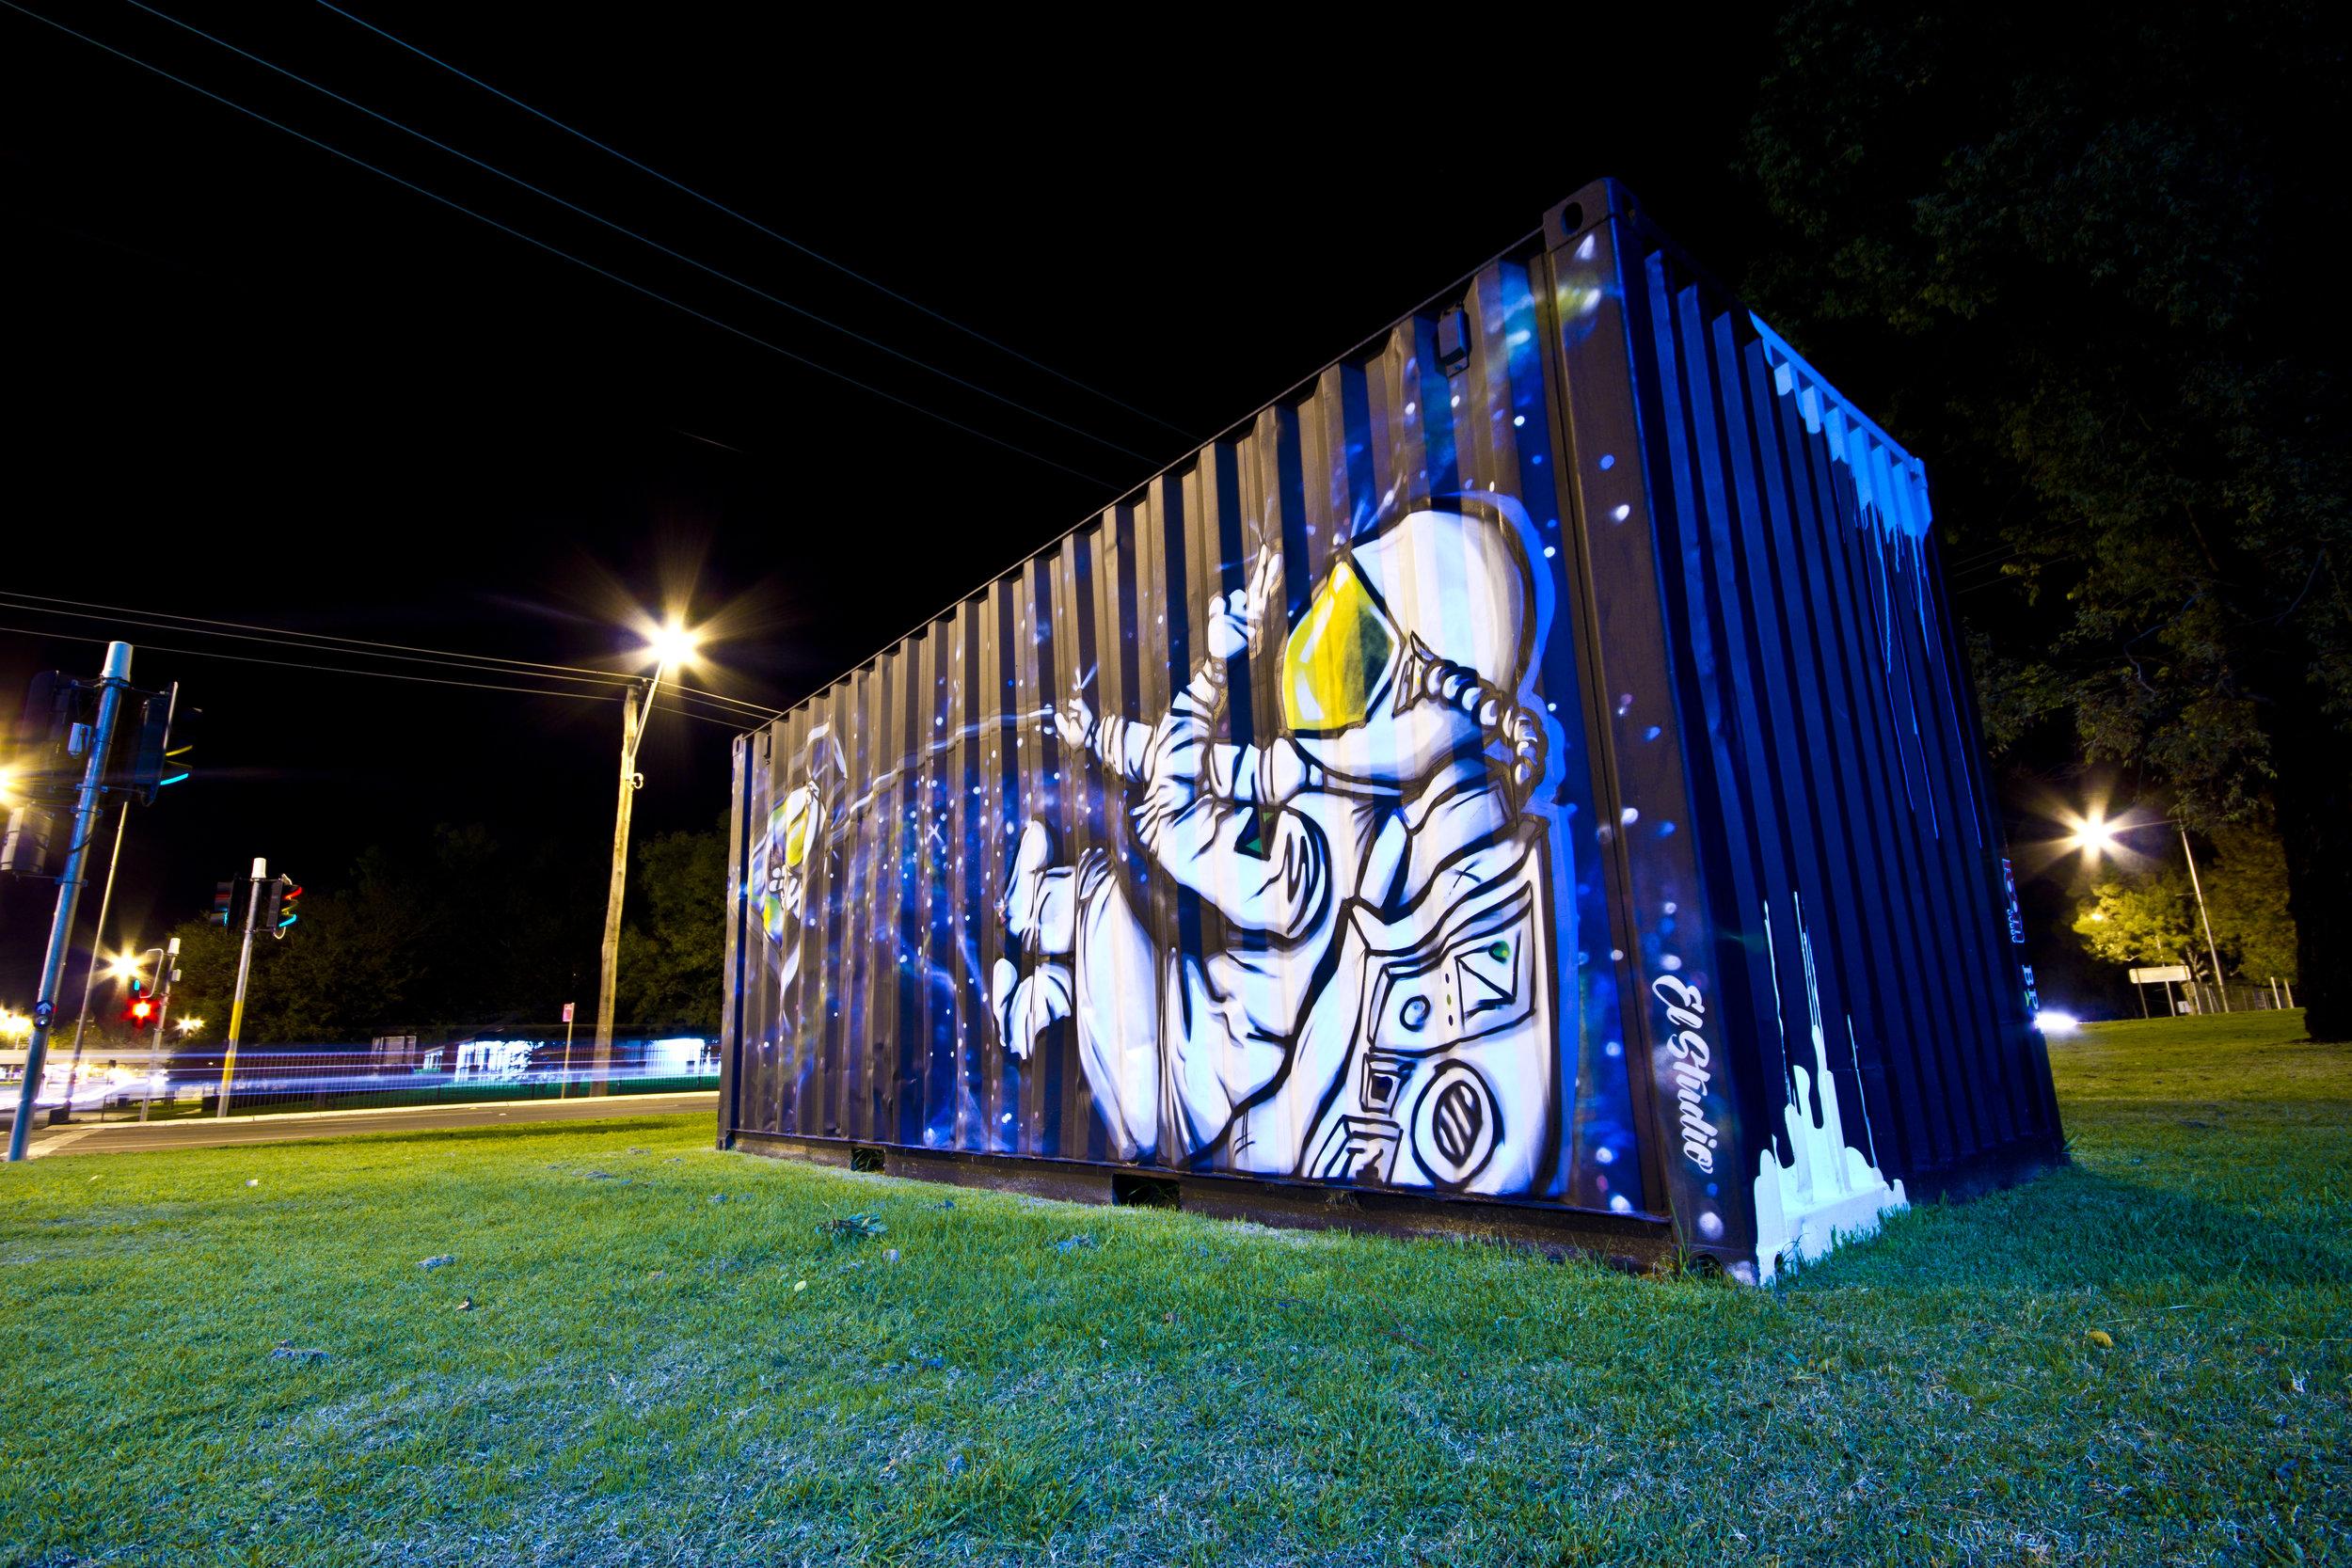 street art dubbo